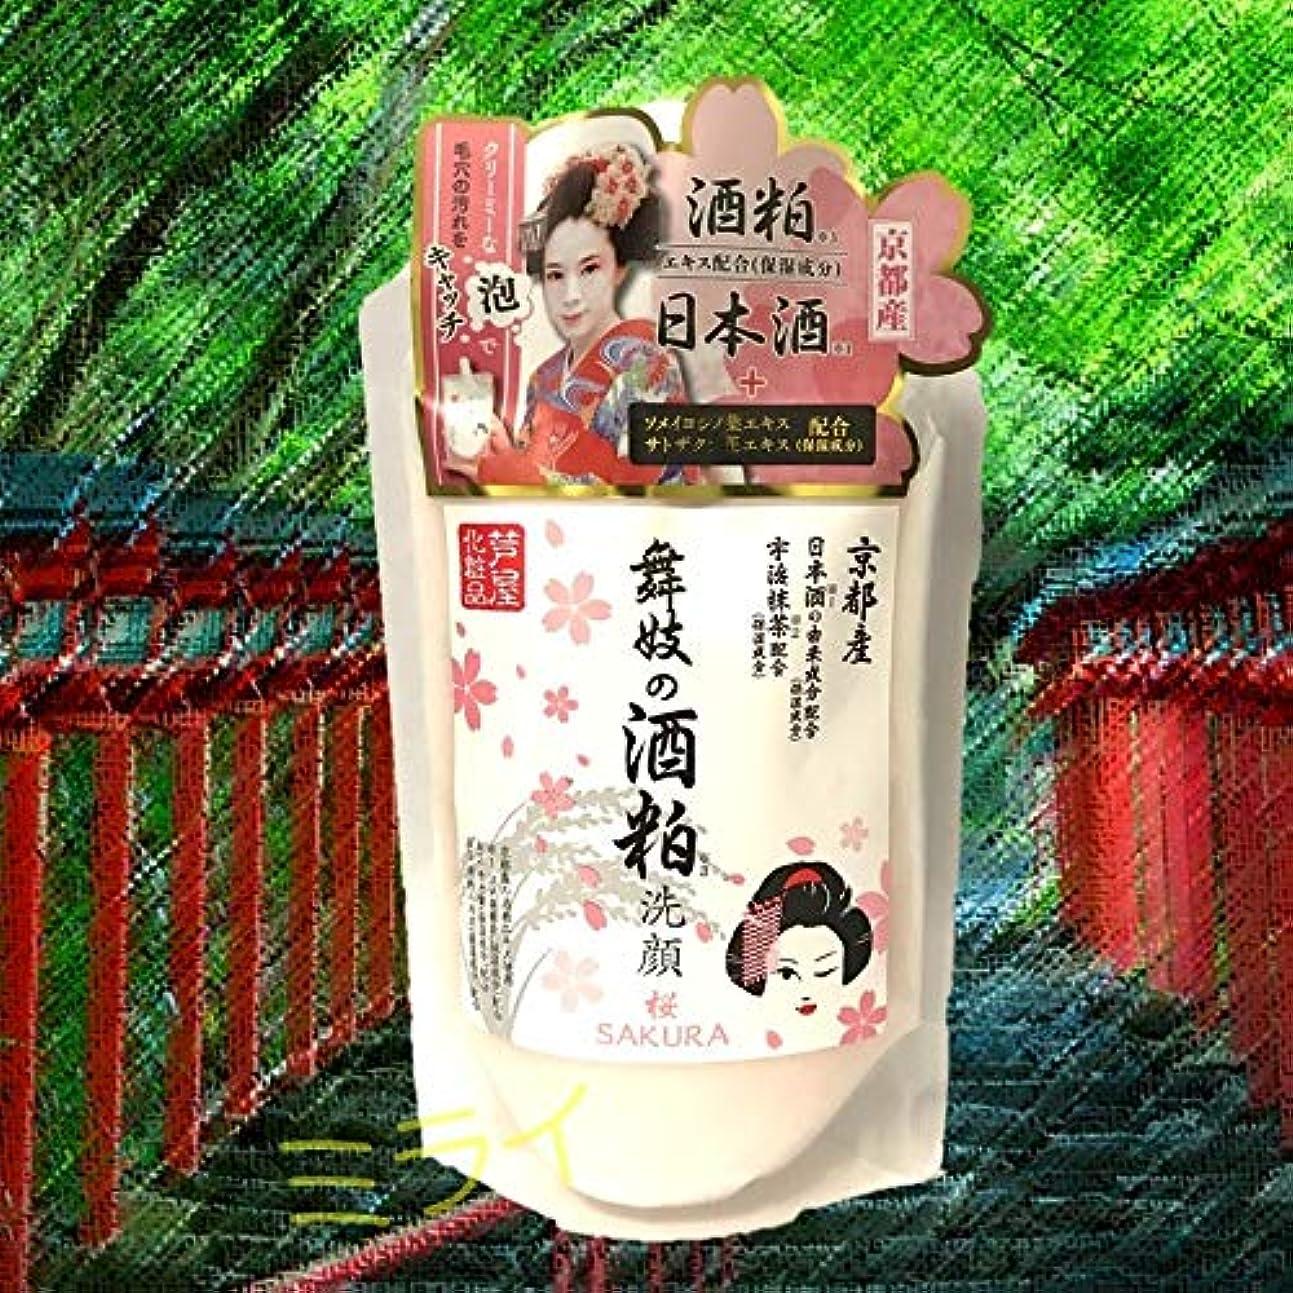 レインコート最も南極芦屋化粧品 舞妓の酒粕洗顔 桜 170g